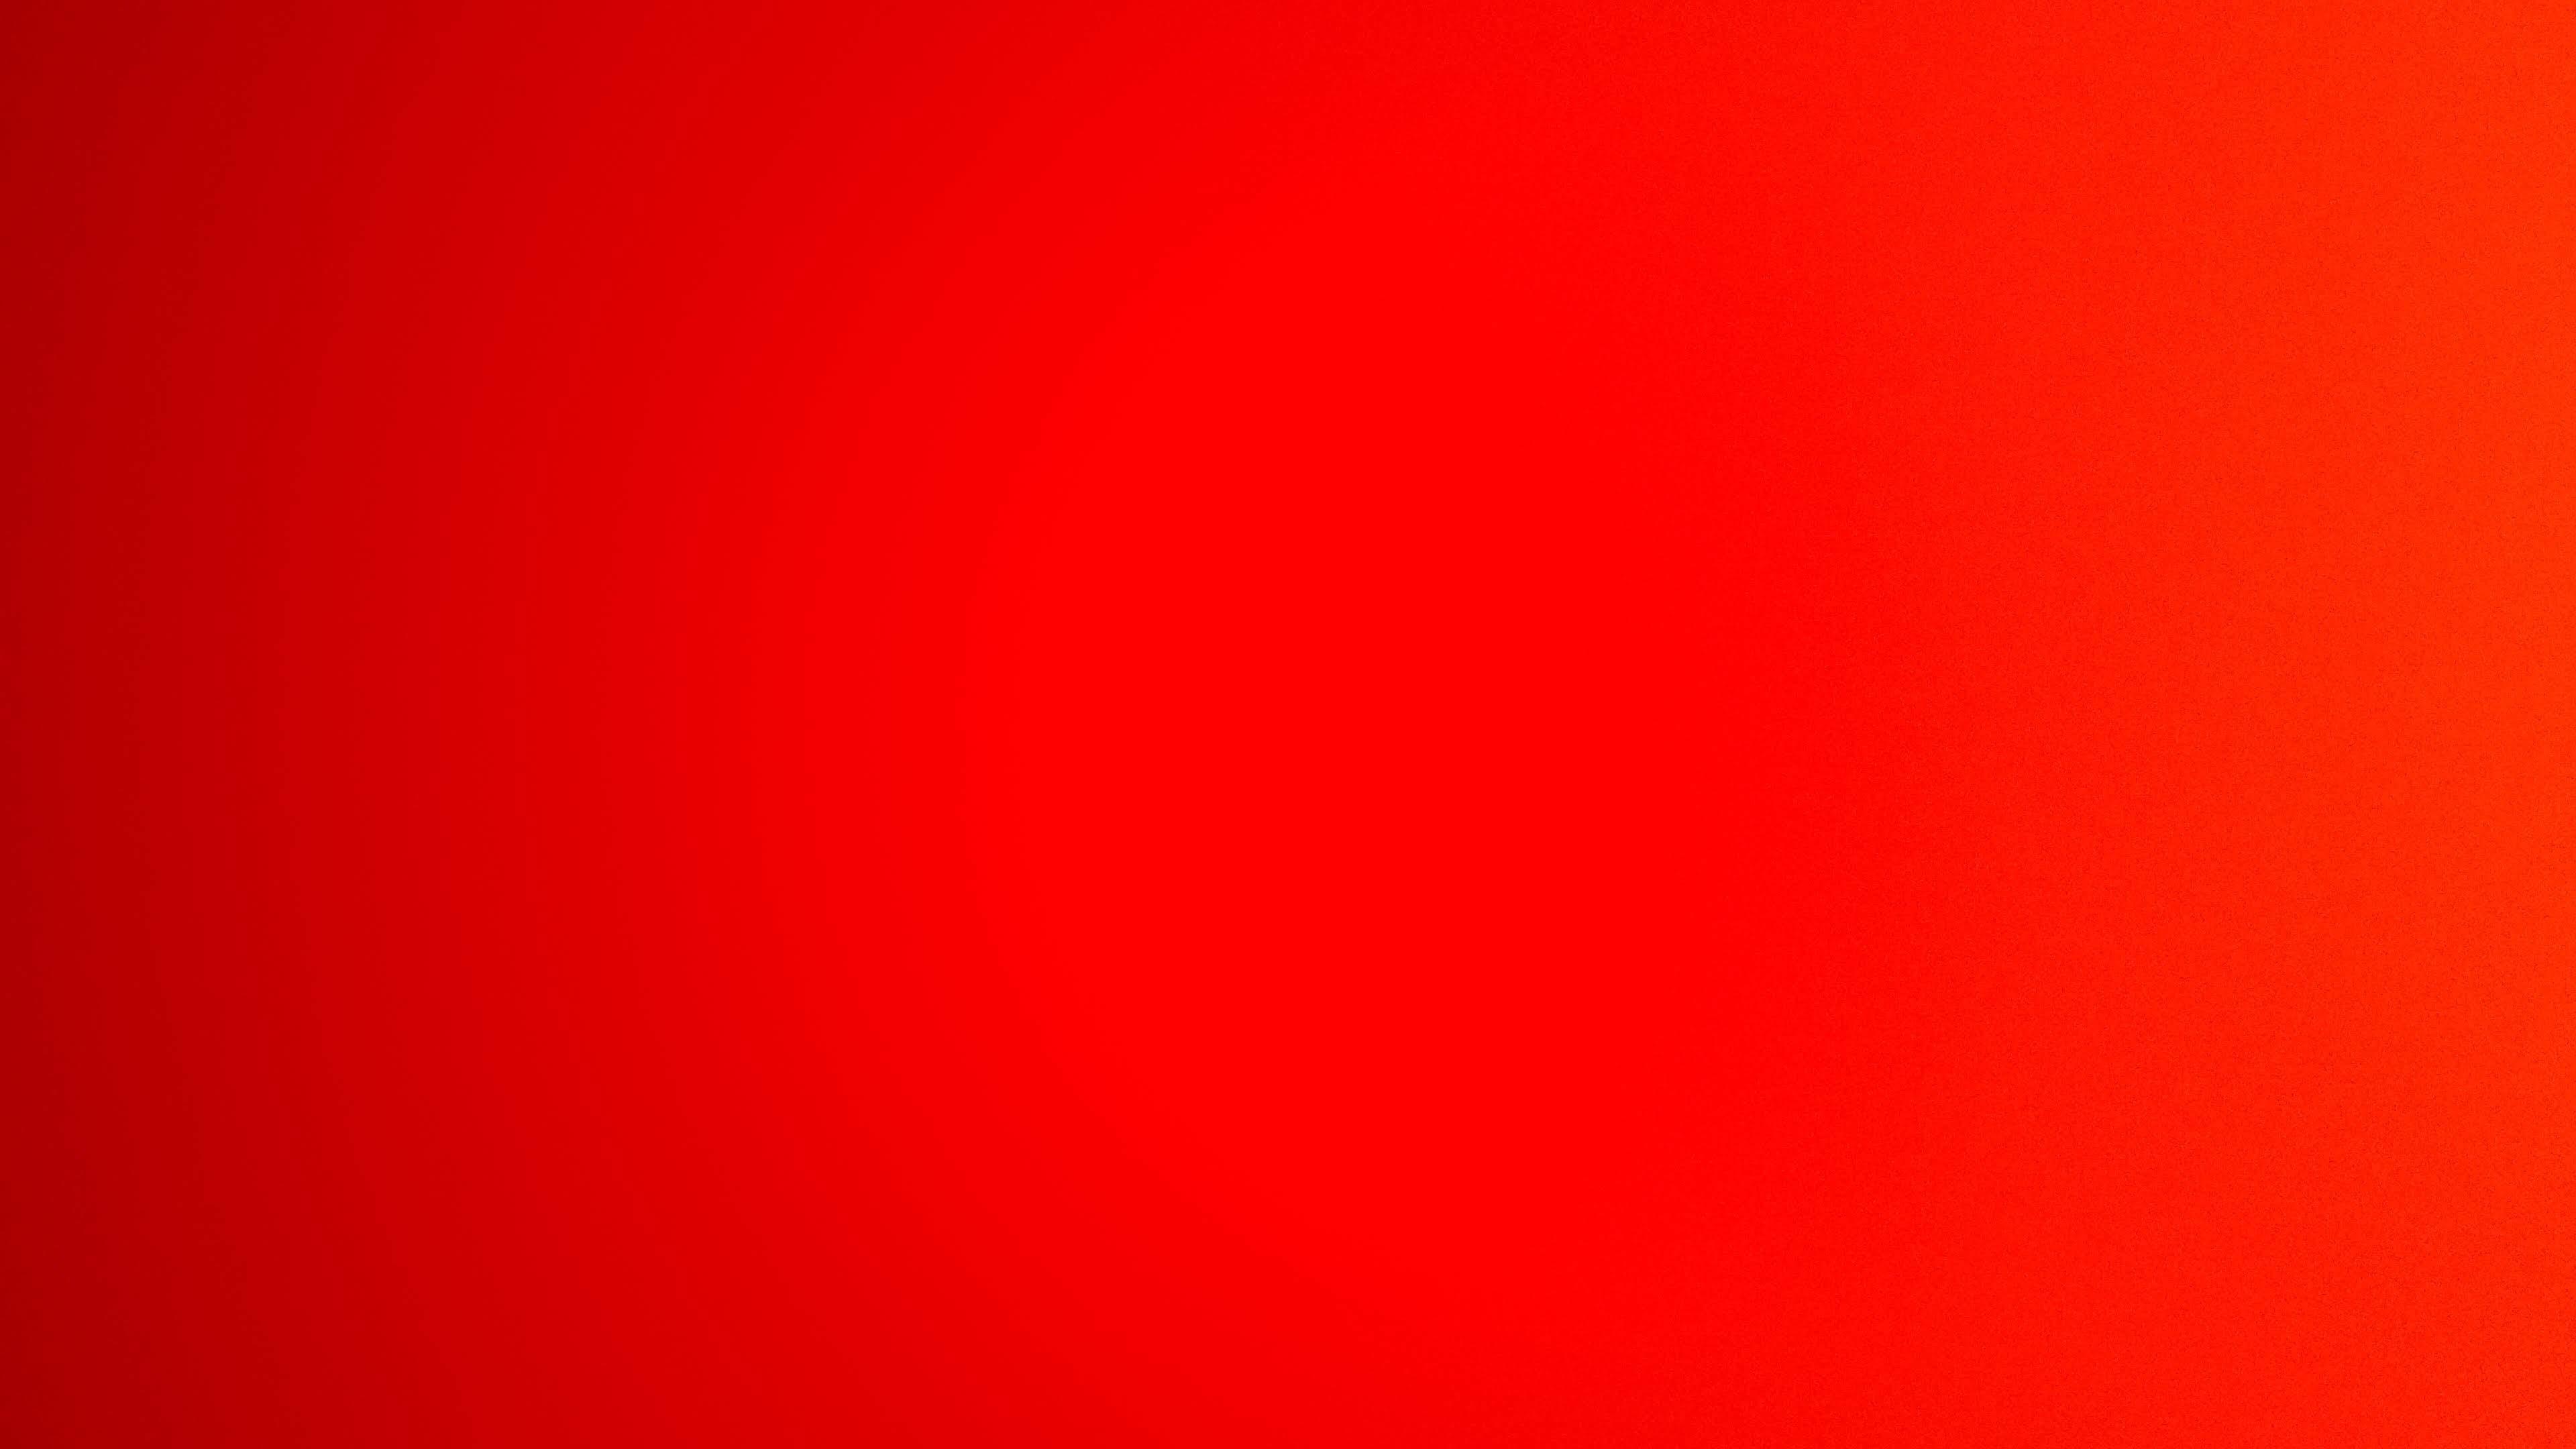 無数の赤から該当する色だけを無意識に選別する能力